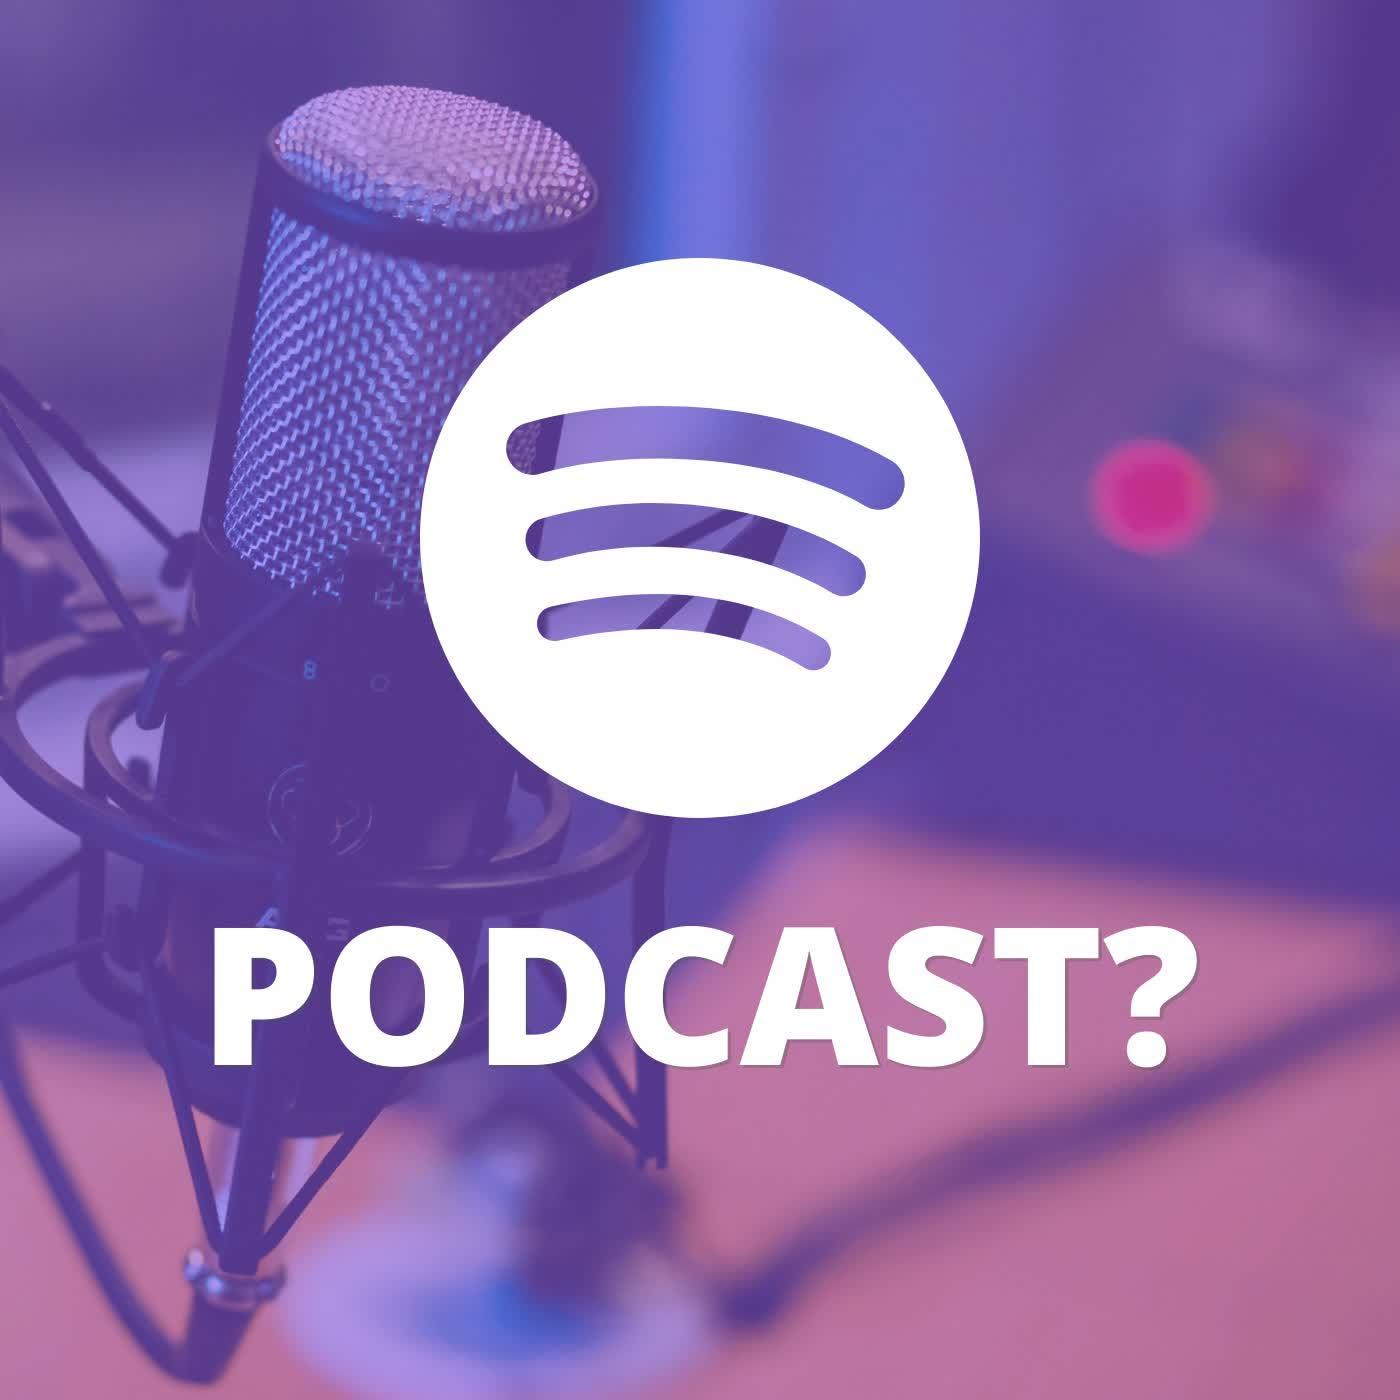 Podcast esta em risco? - Friday Show